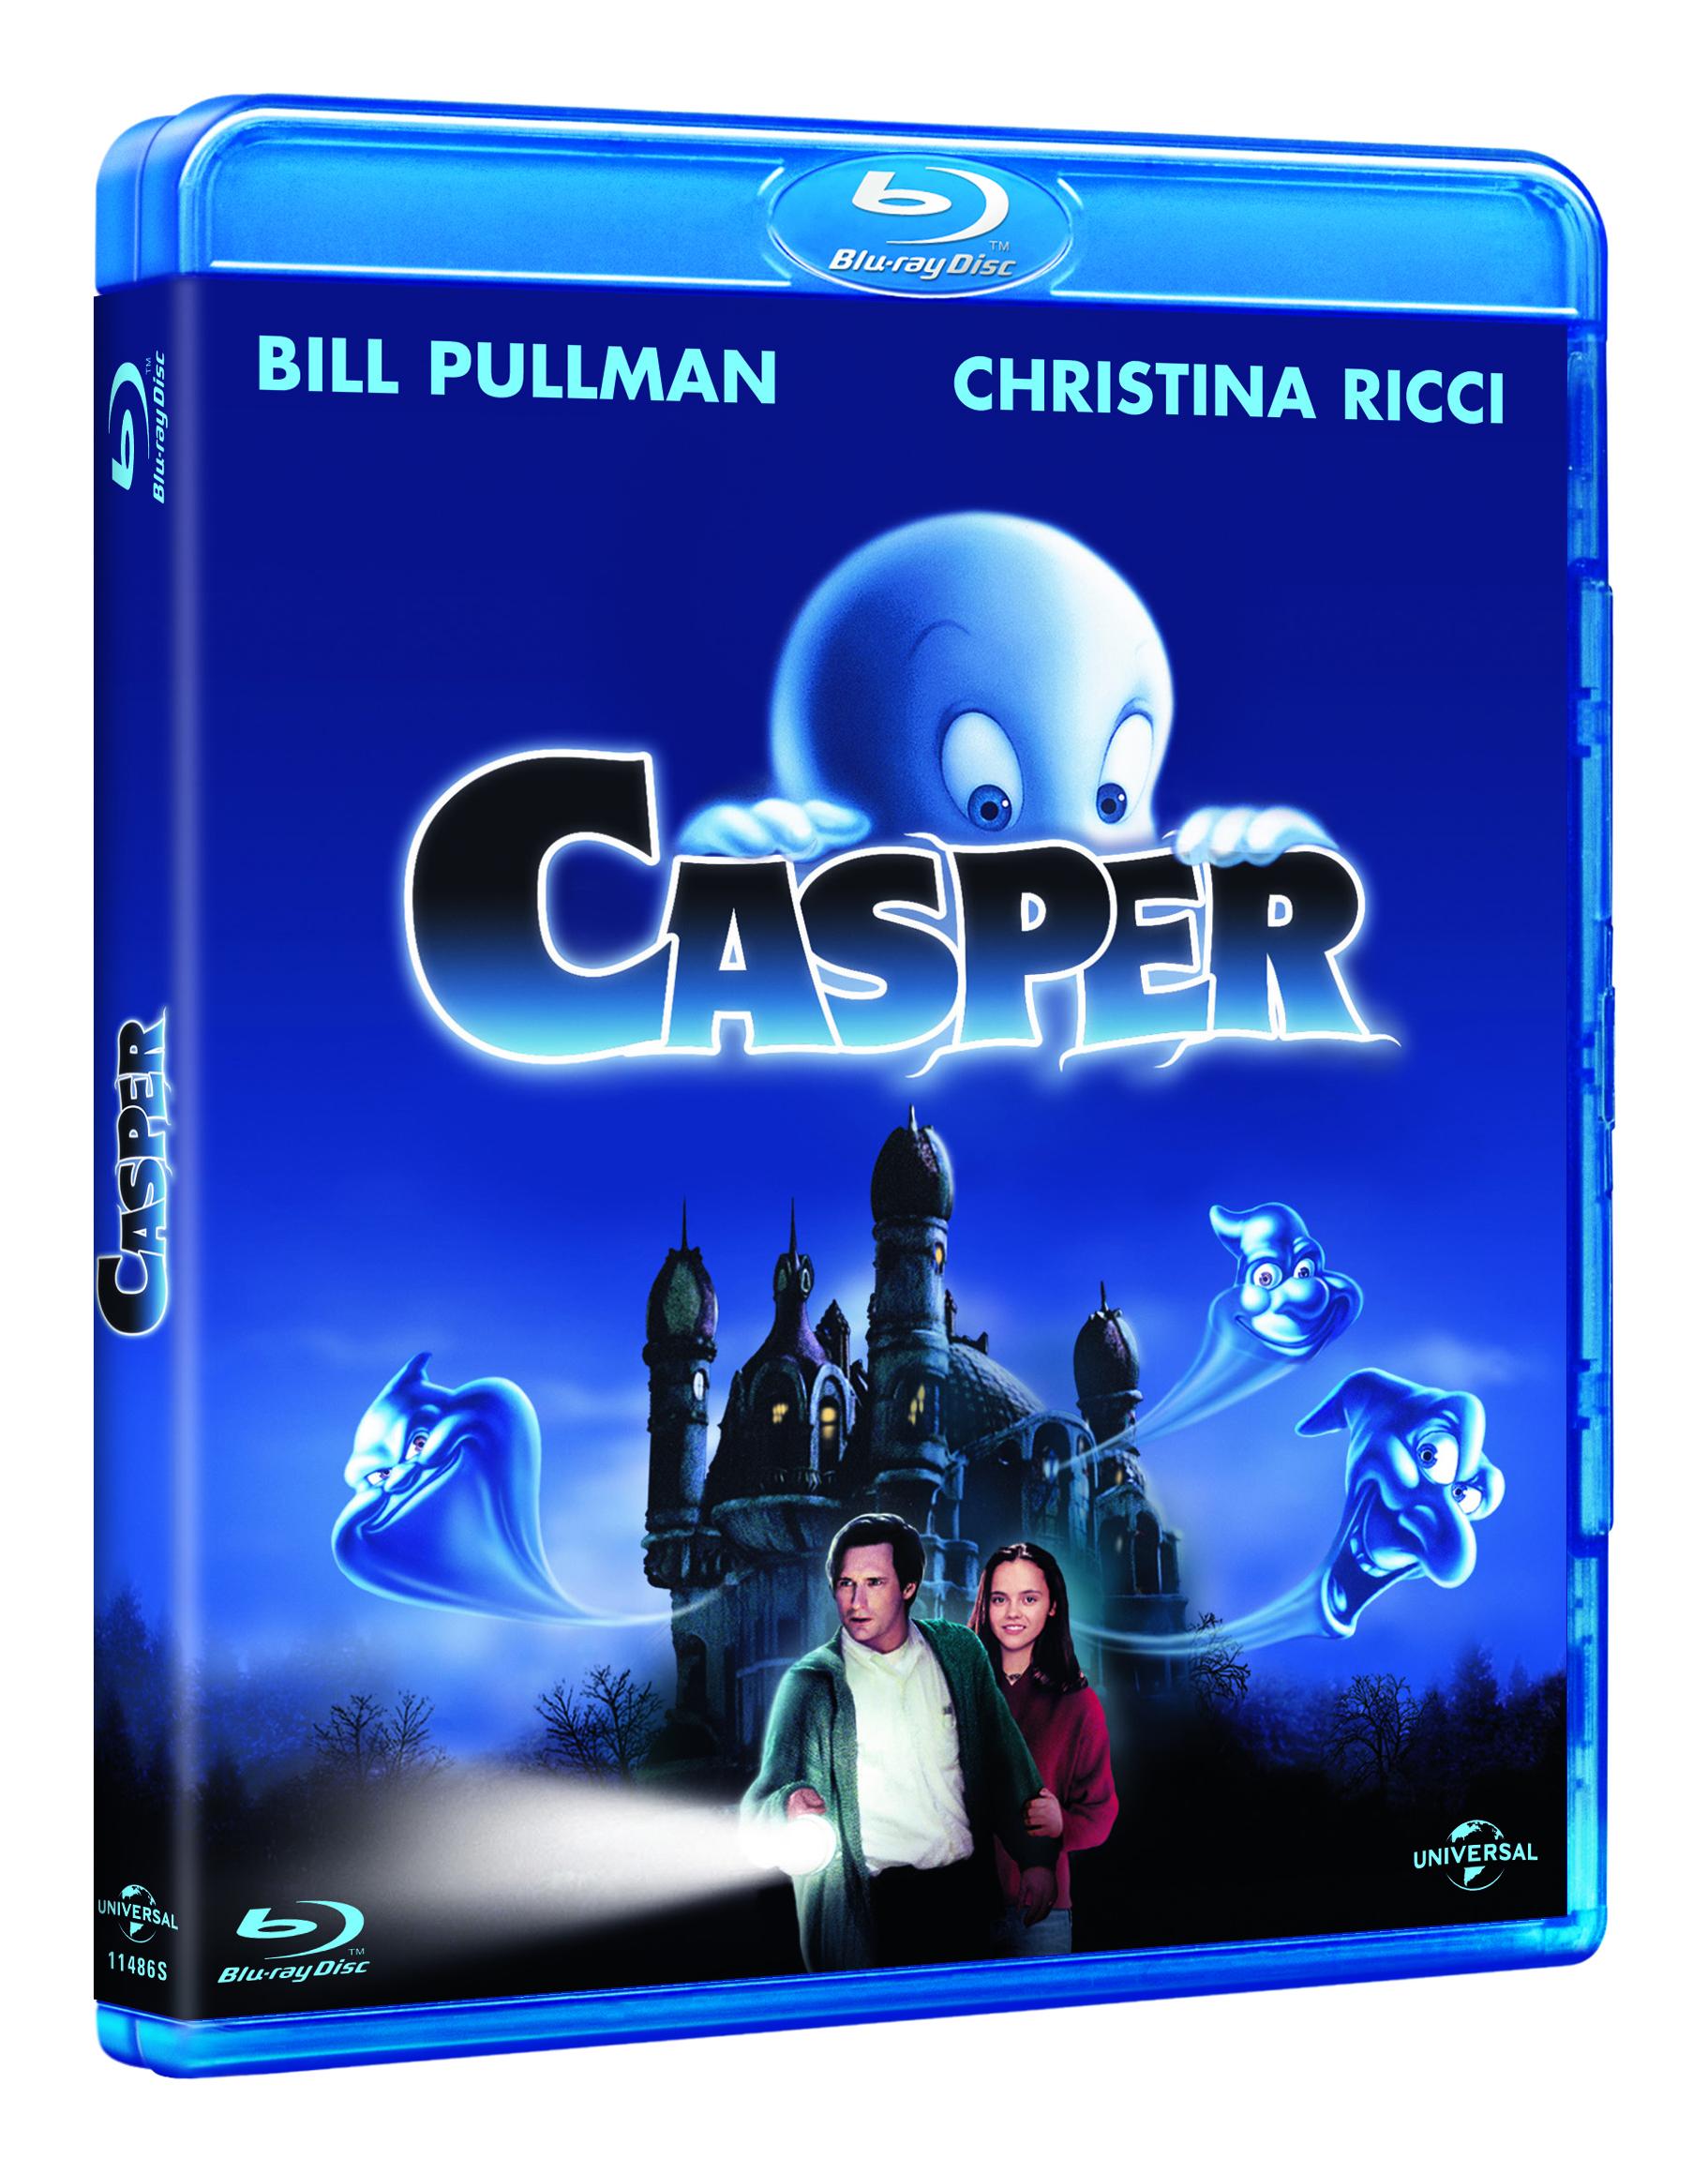 Lanzamientos 4K, Blu-ray y Dvd: 'Mamma Mia!', 'Casper', 'El hilo invisible',... • En tu pantalla